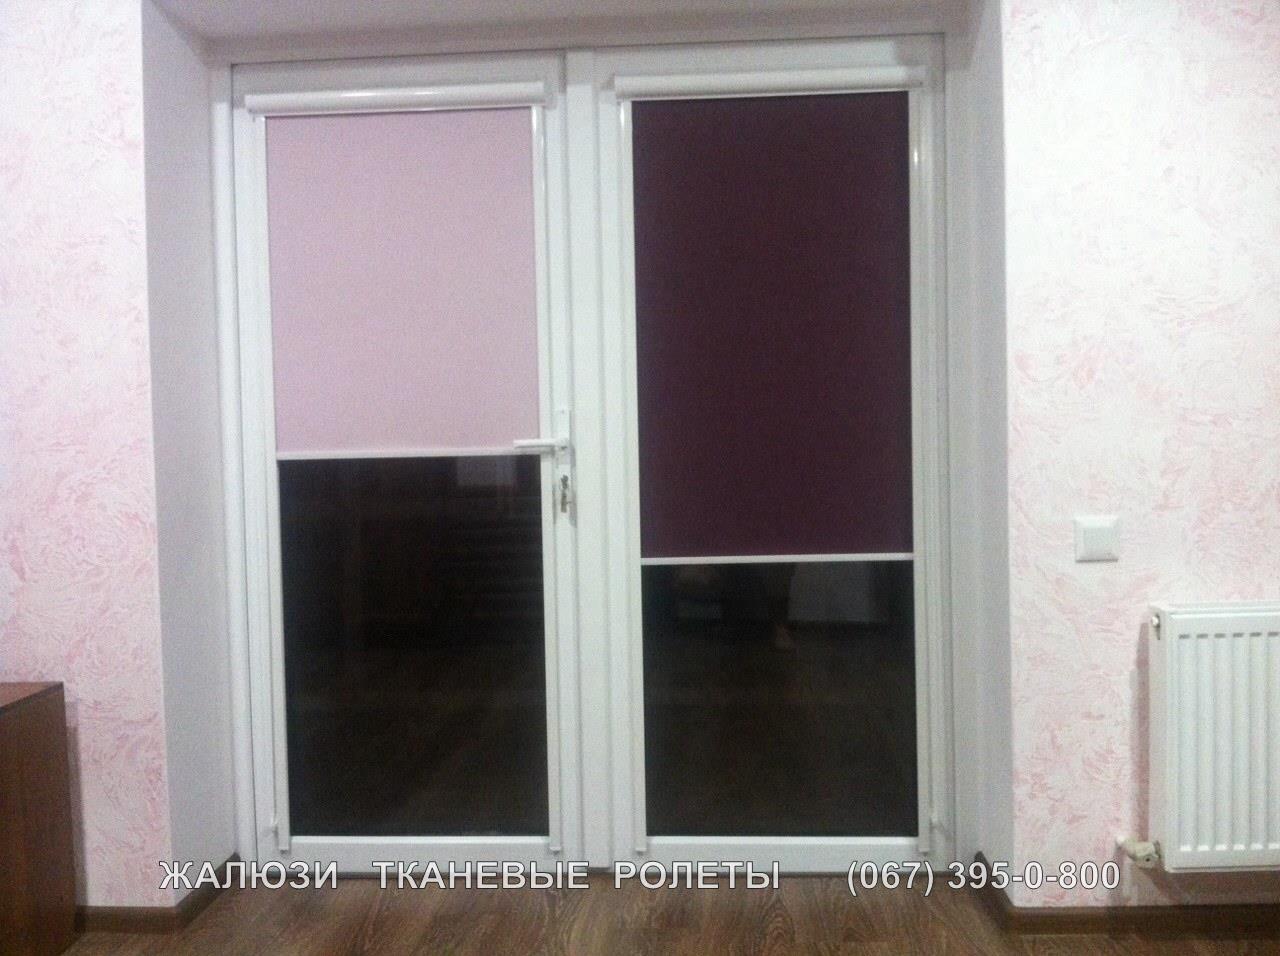 Тканевые шторы фото